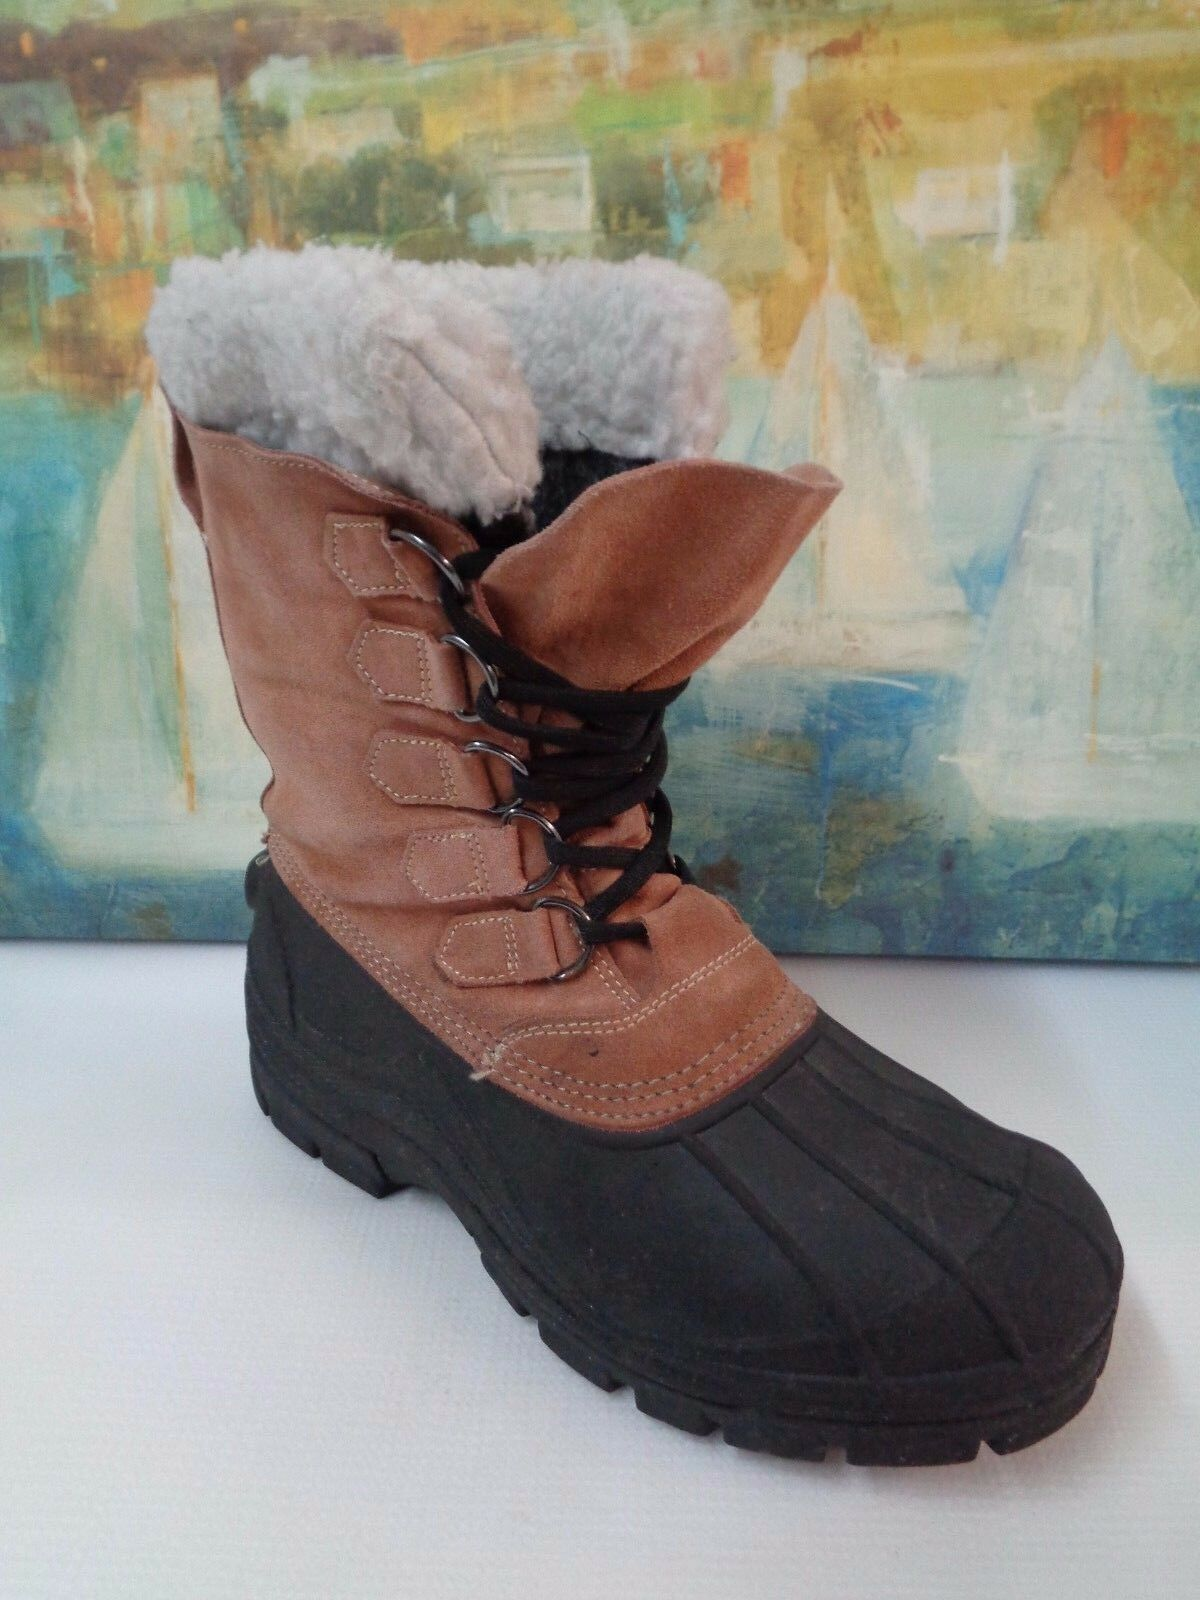 CG Tan Suede duck boots Men sz 11